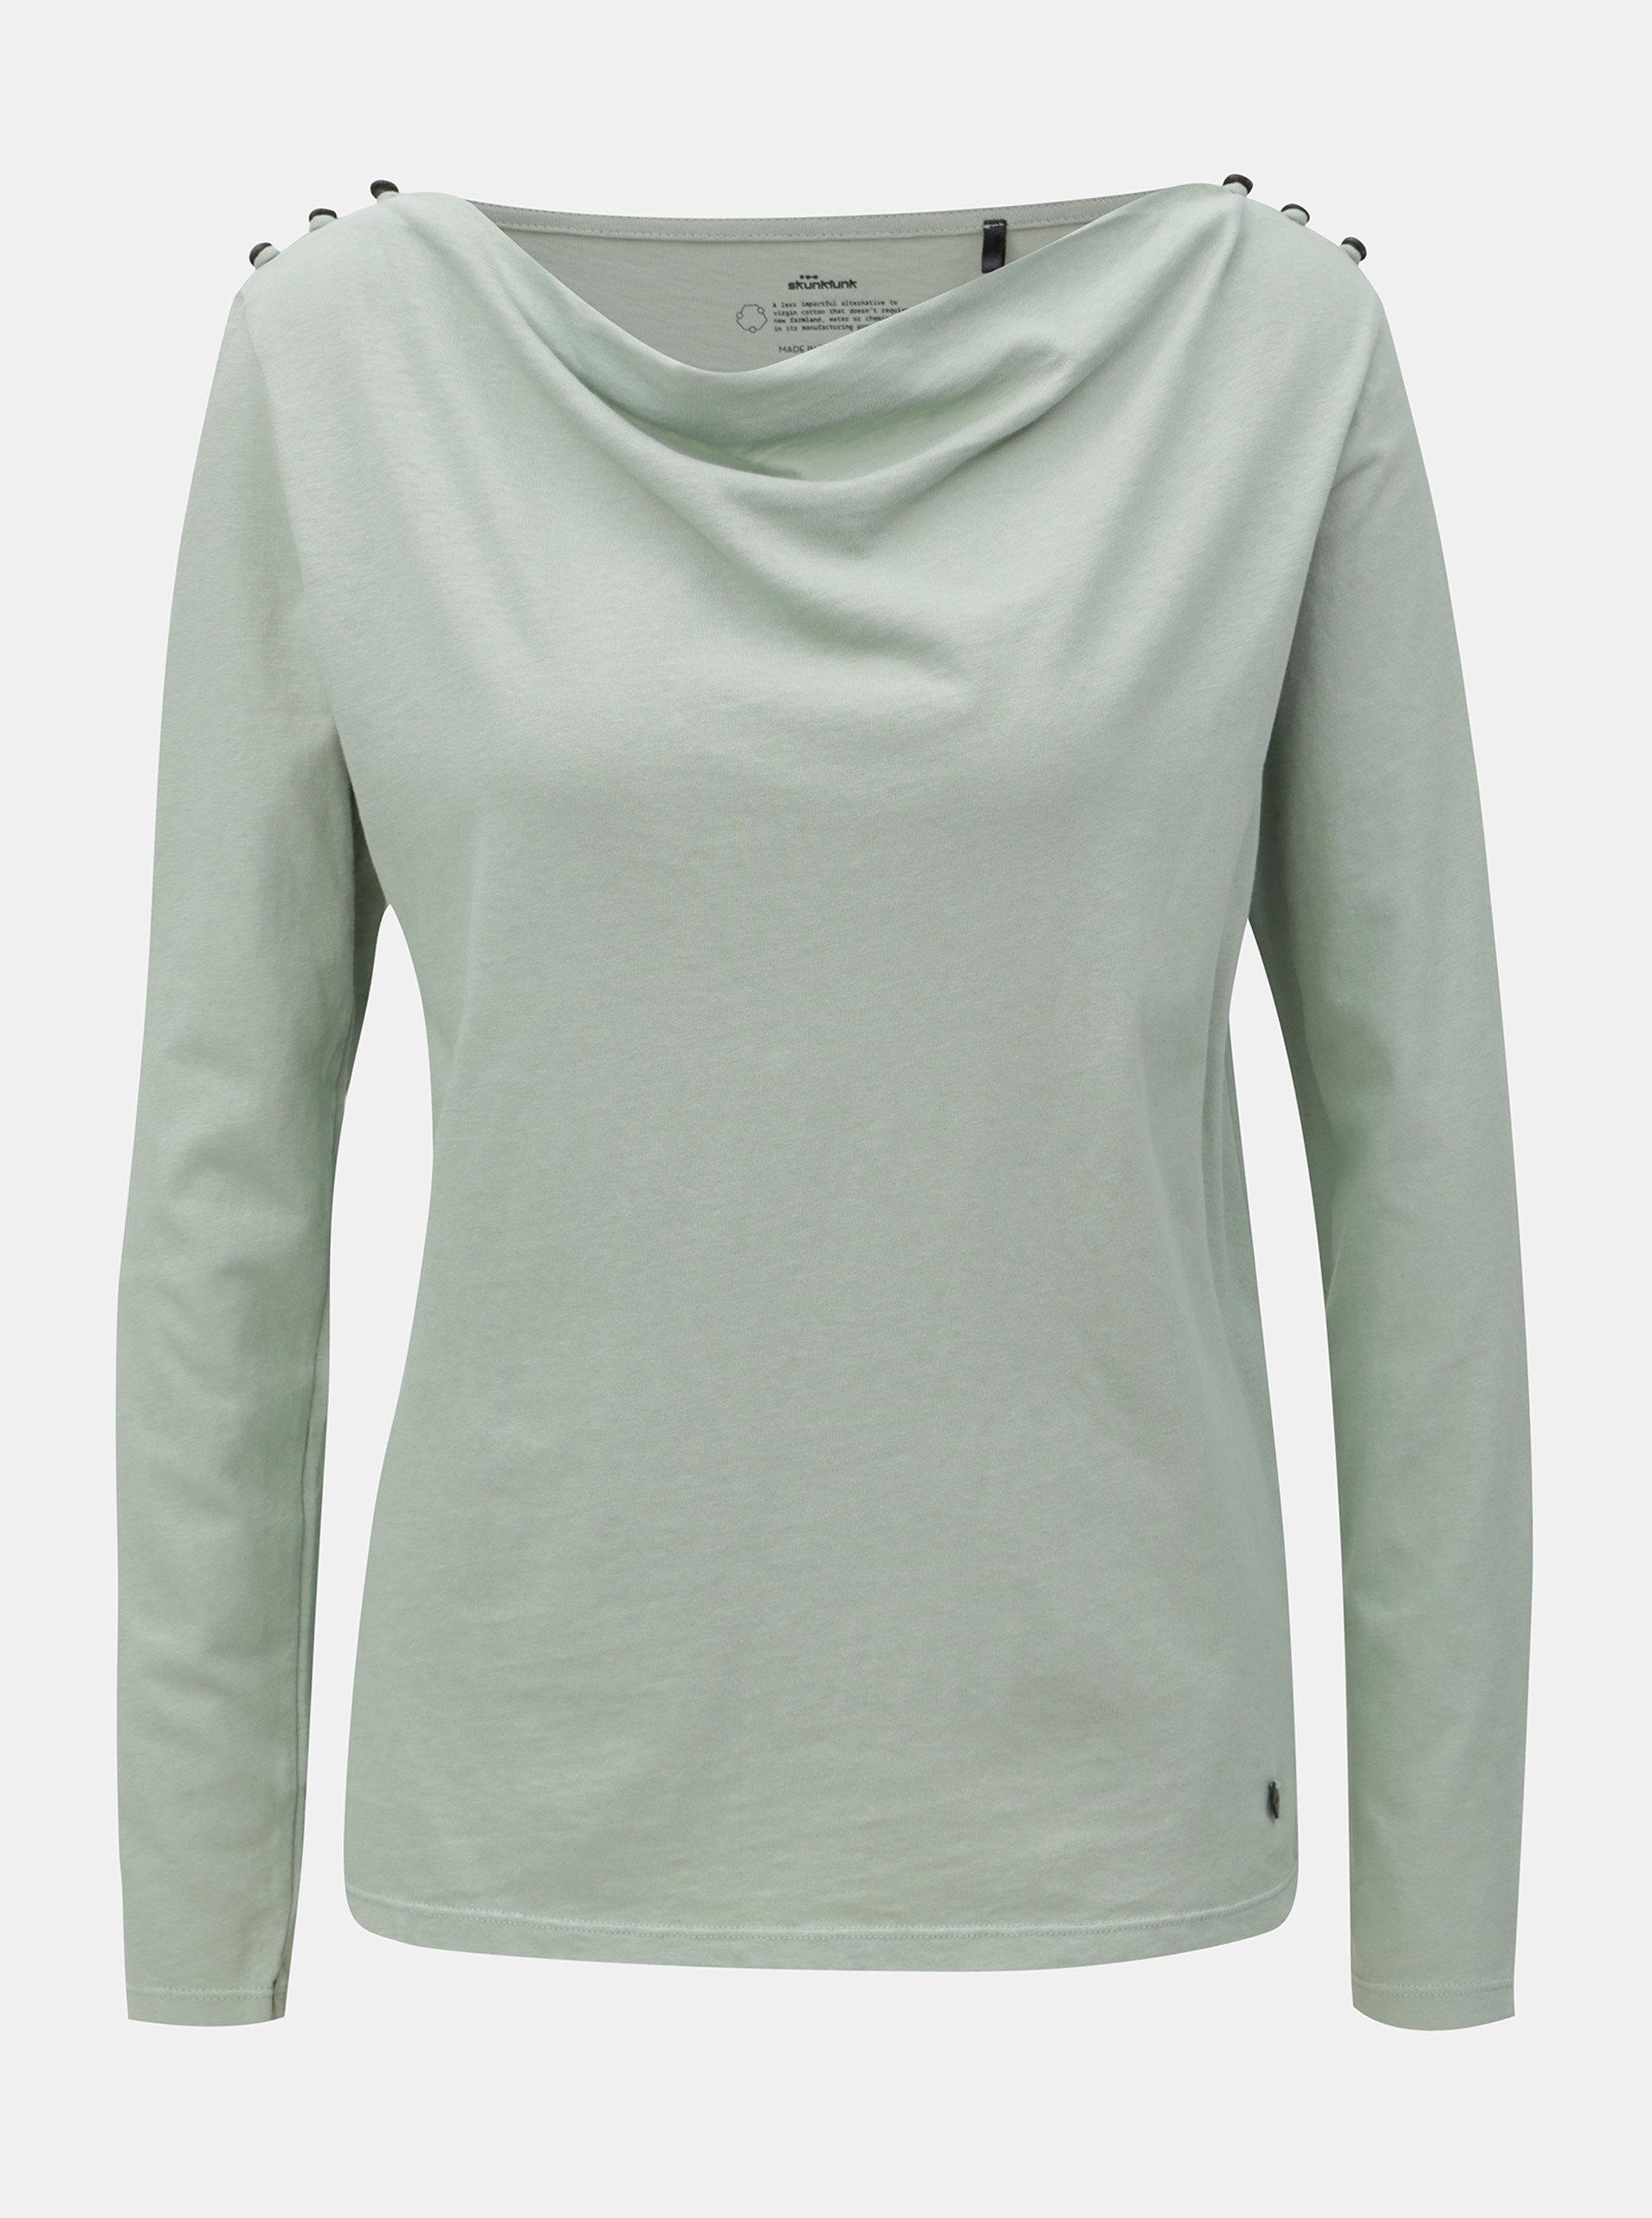 Světle zelené tričko s knoflíky na ramenou SKFK Lantz